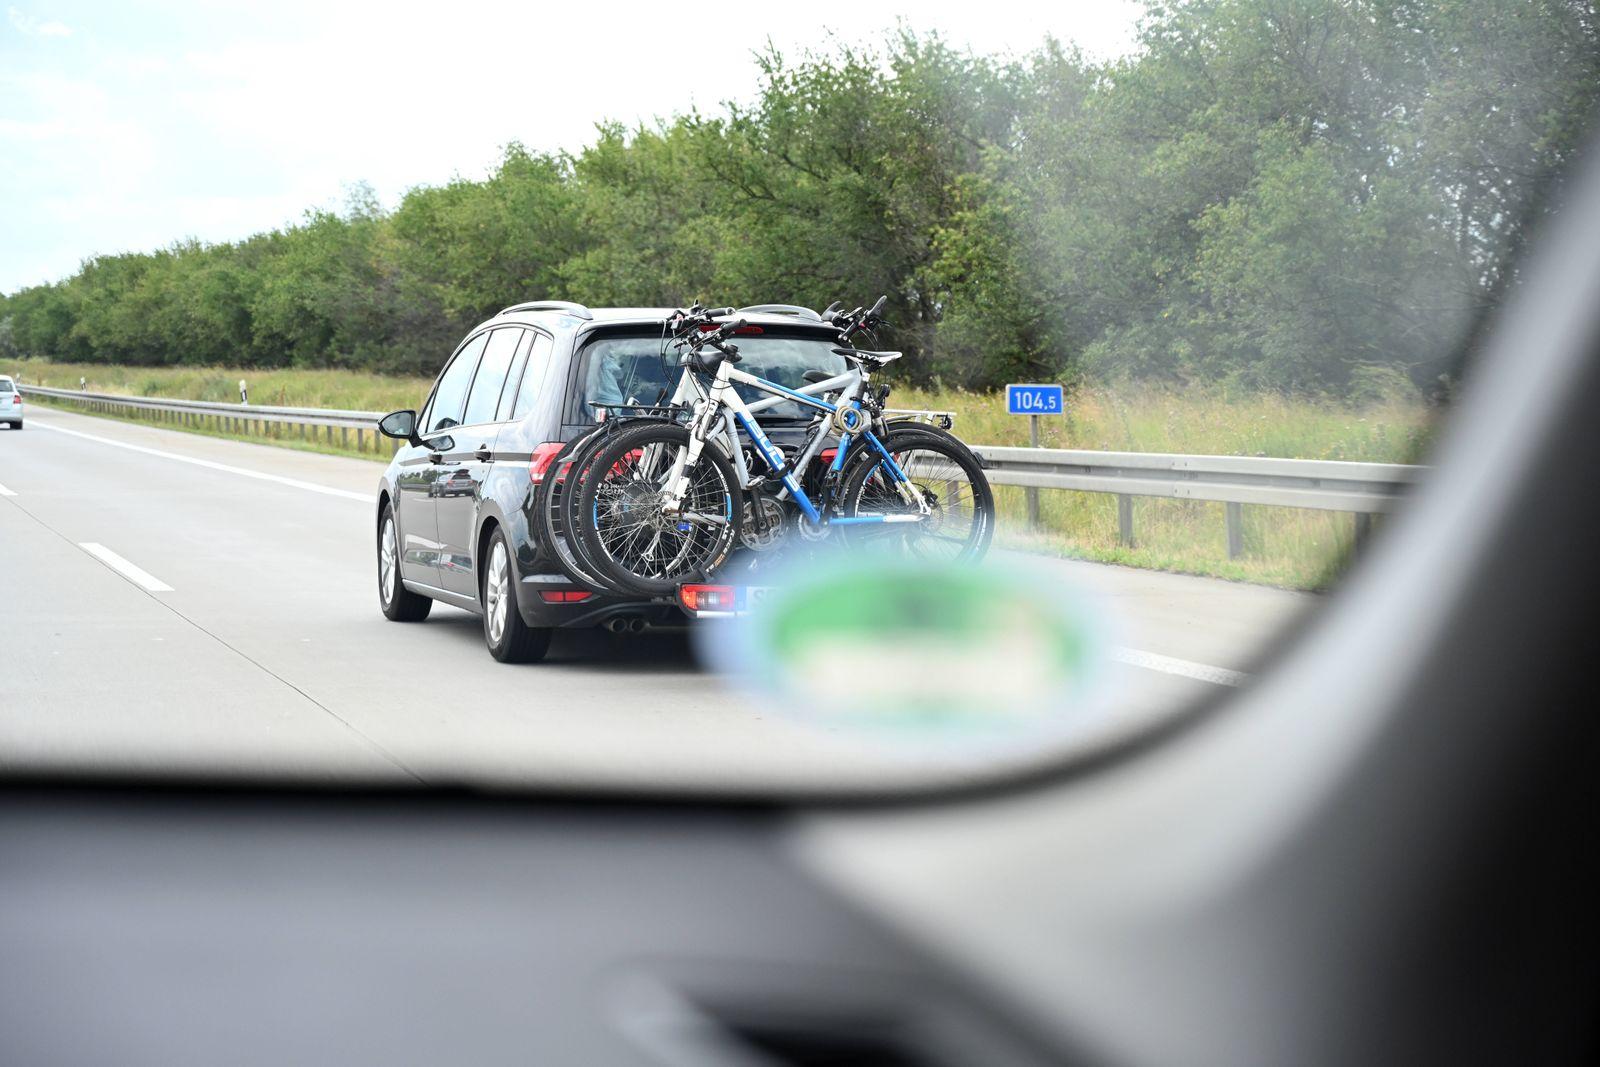 PKW transportiert Fahrräder mit einemn Fahrradträger am Heck auf der Bundesautobahn 9, bei Leipzig, Sachsen, Deutschland